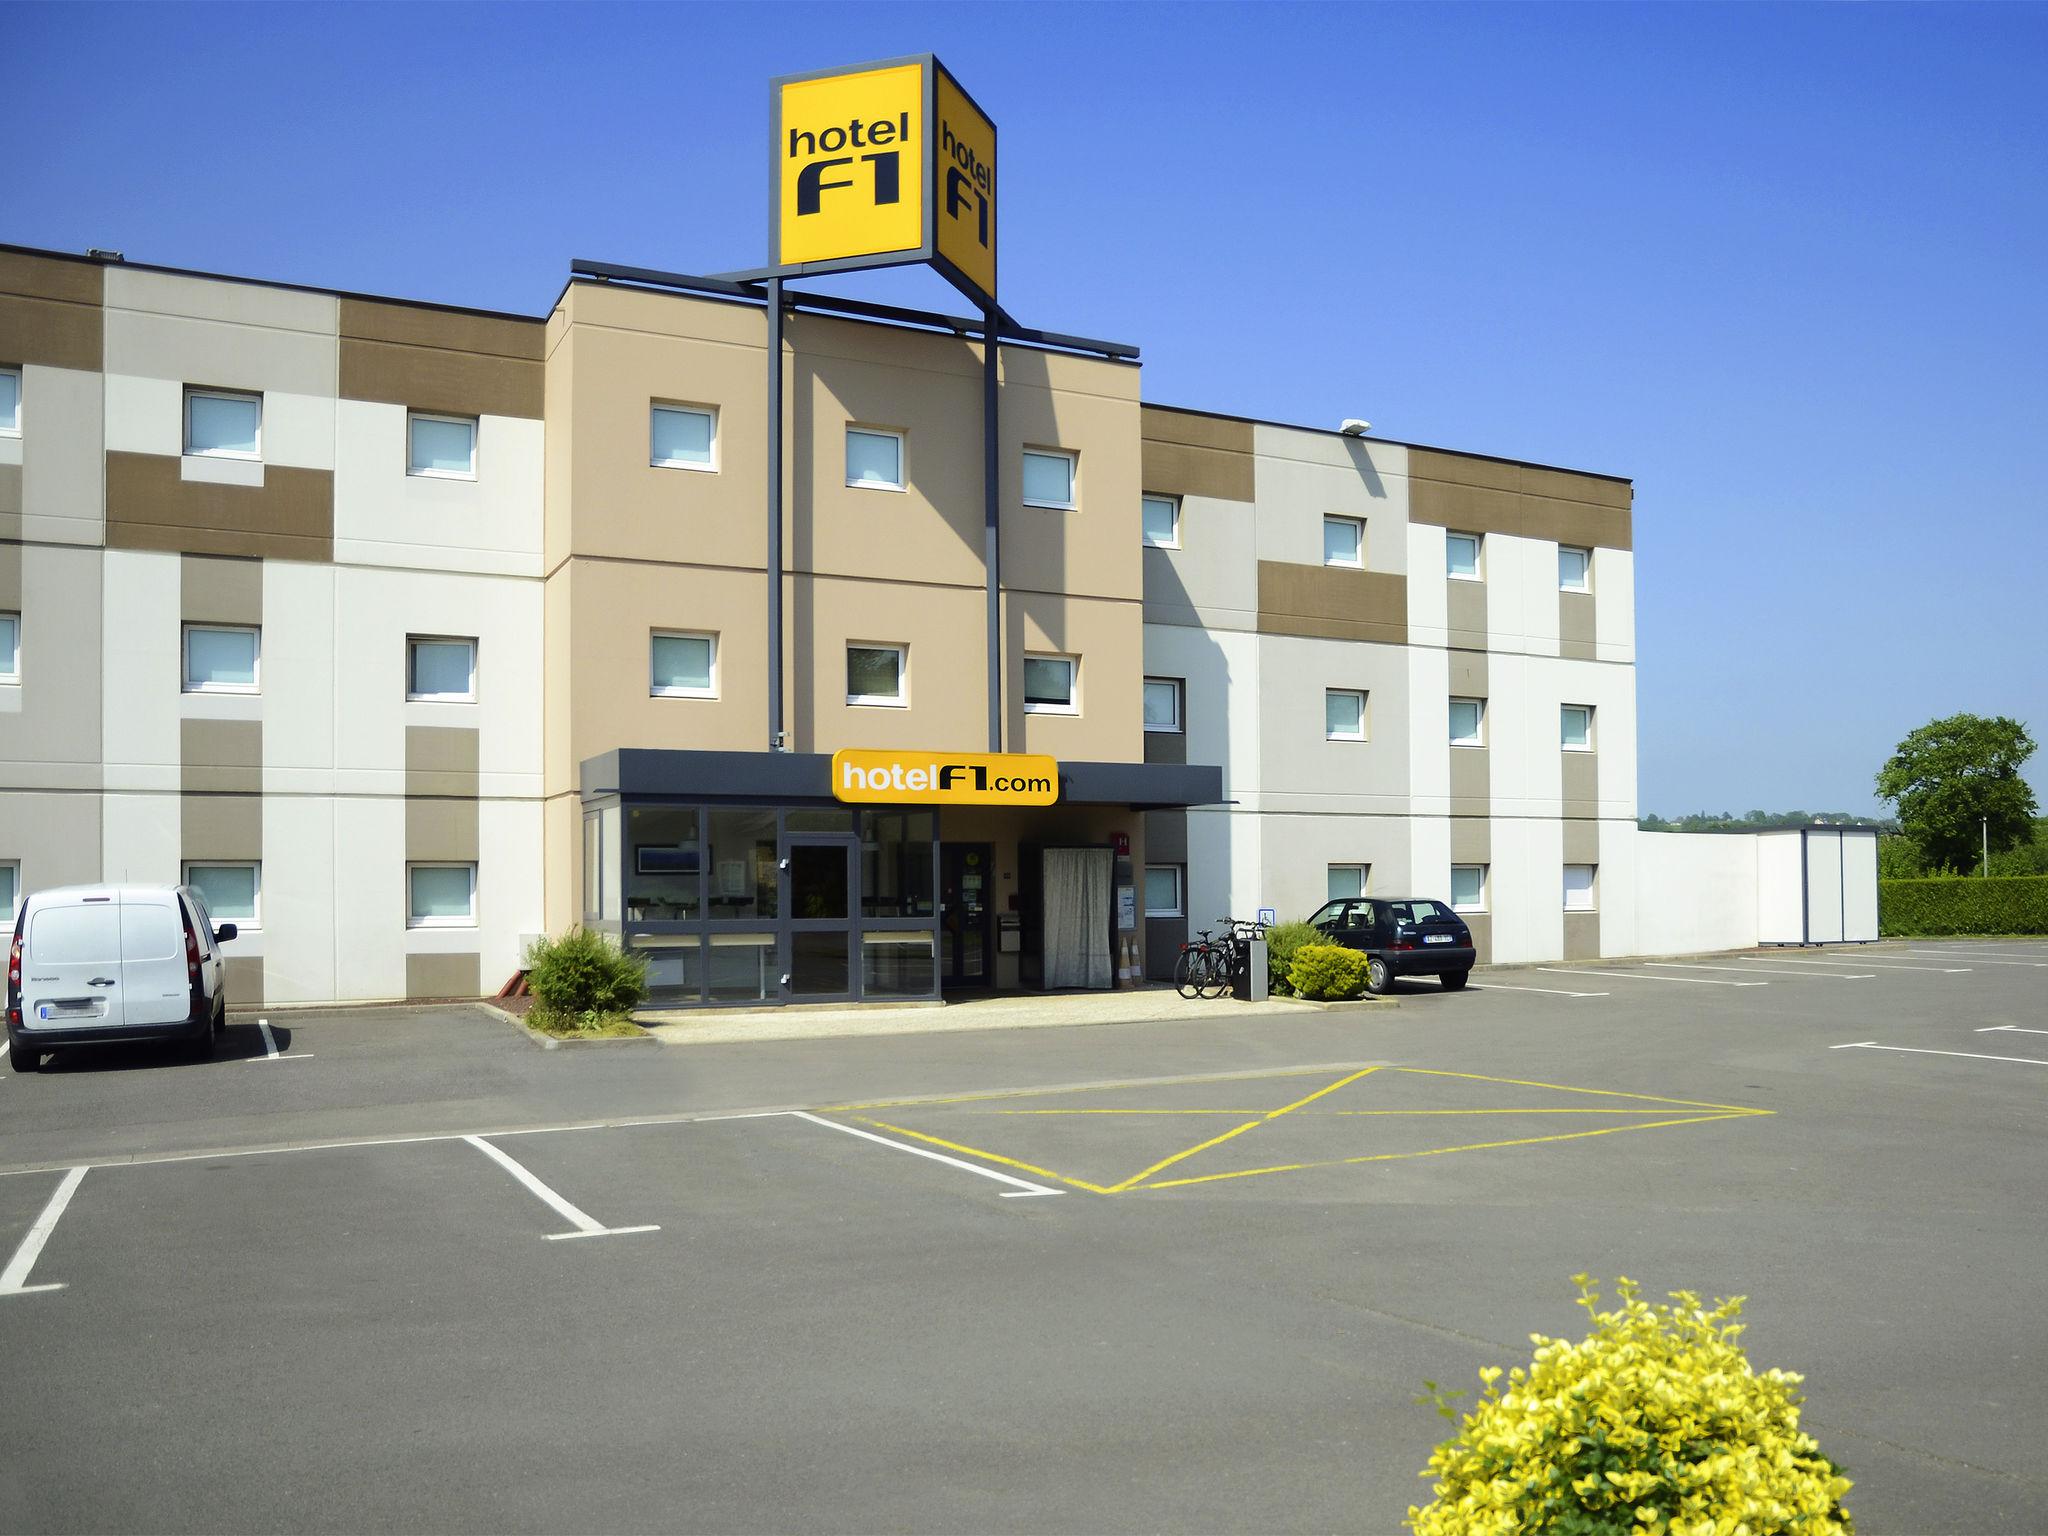 Hotell – hotelF1 Avranches Baie du Mont-Saint-Michel